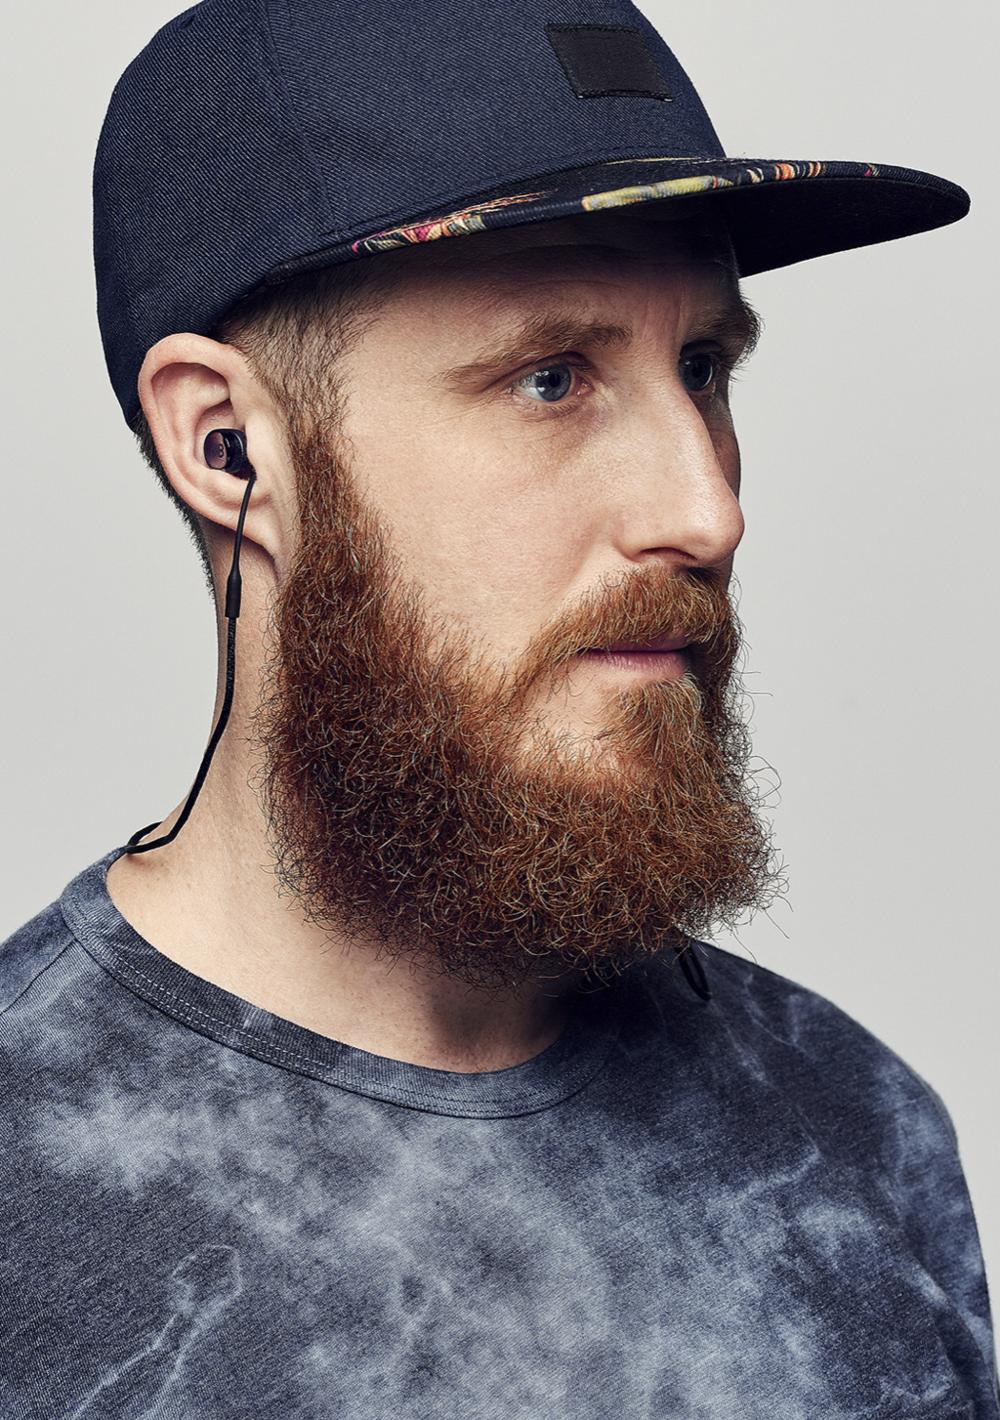 dBud  Volume adjustable earplugs  Product design